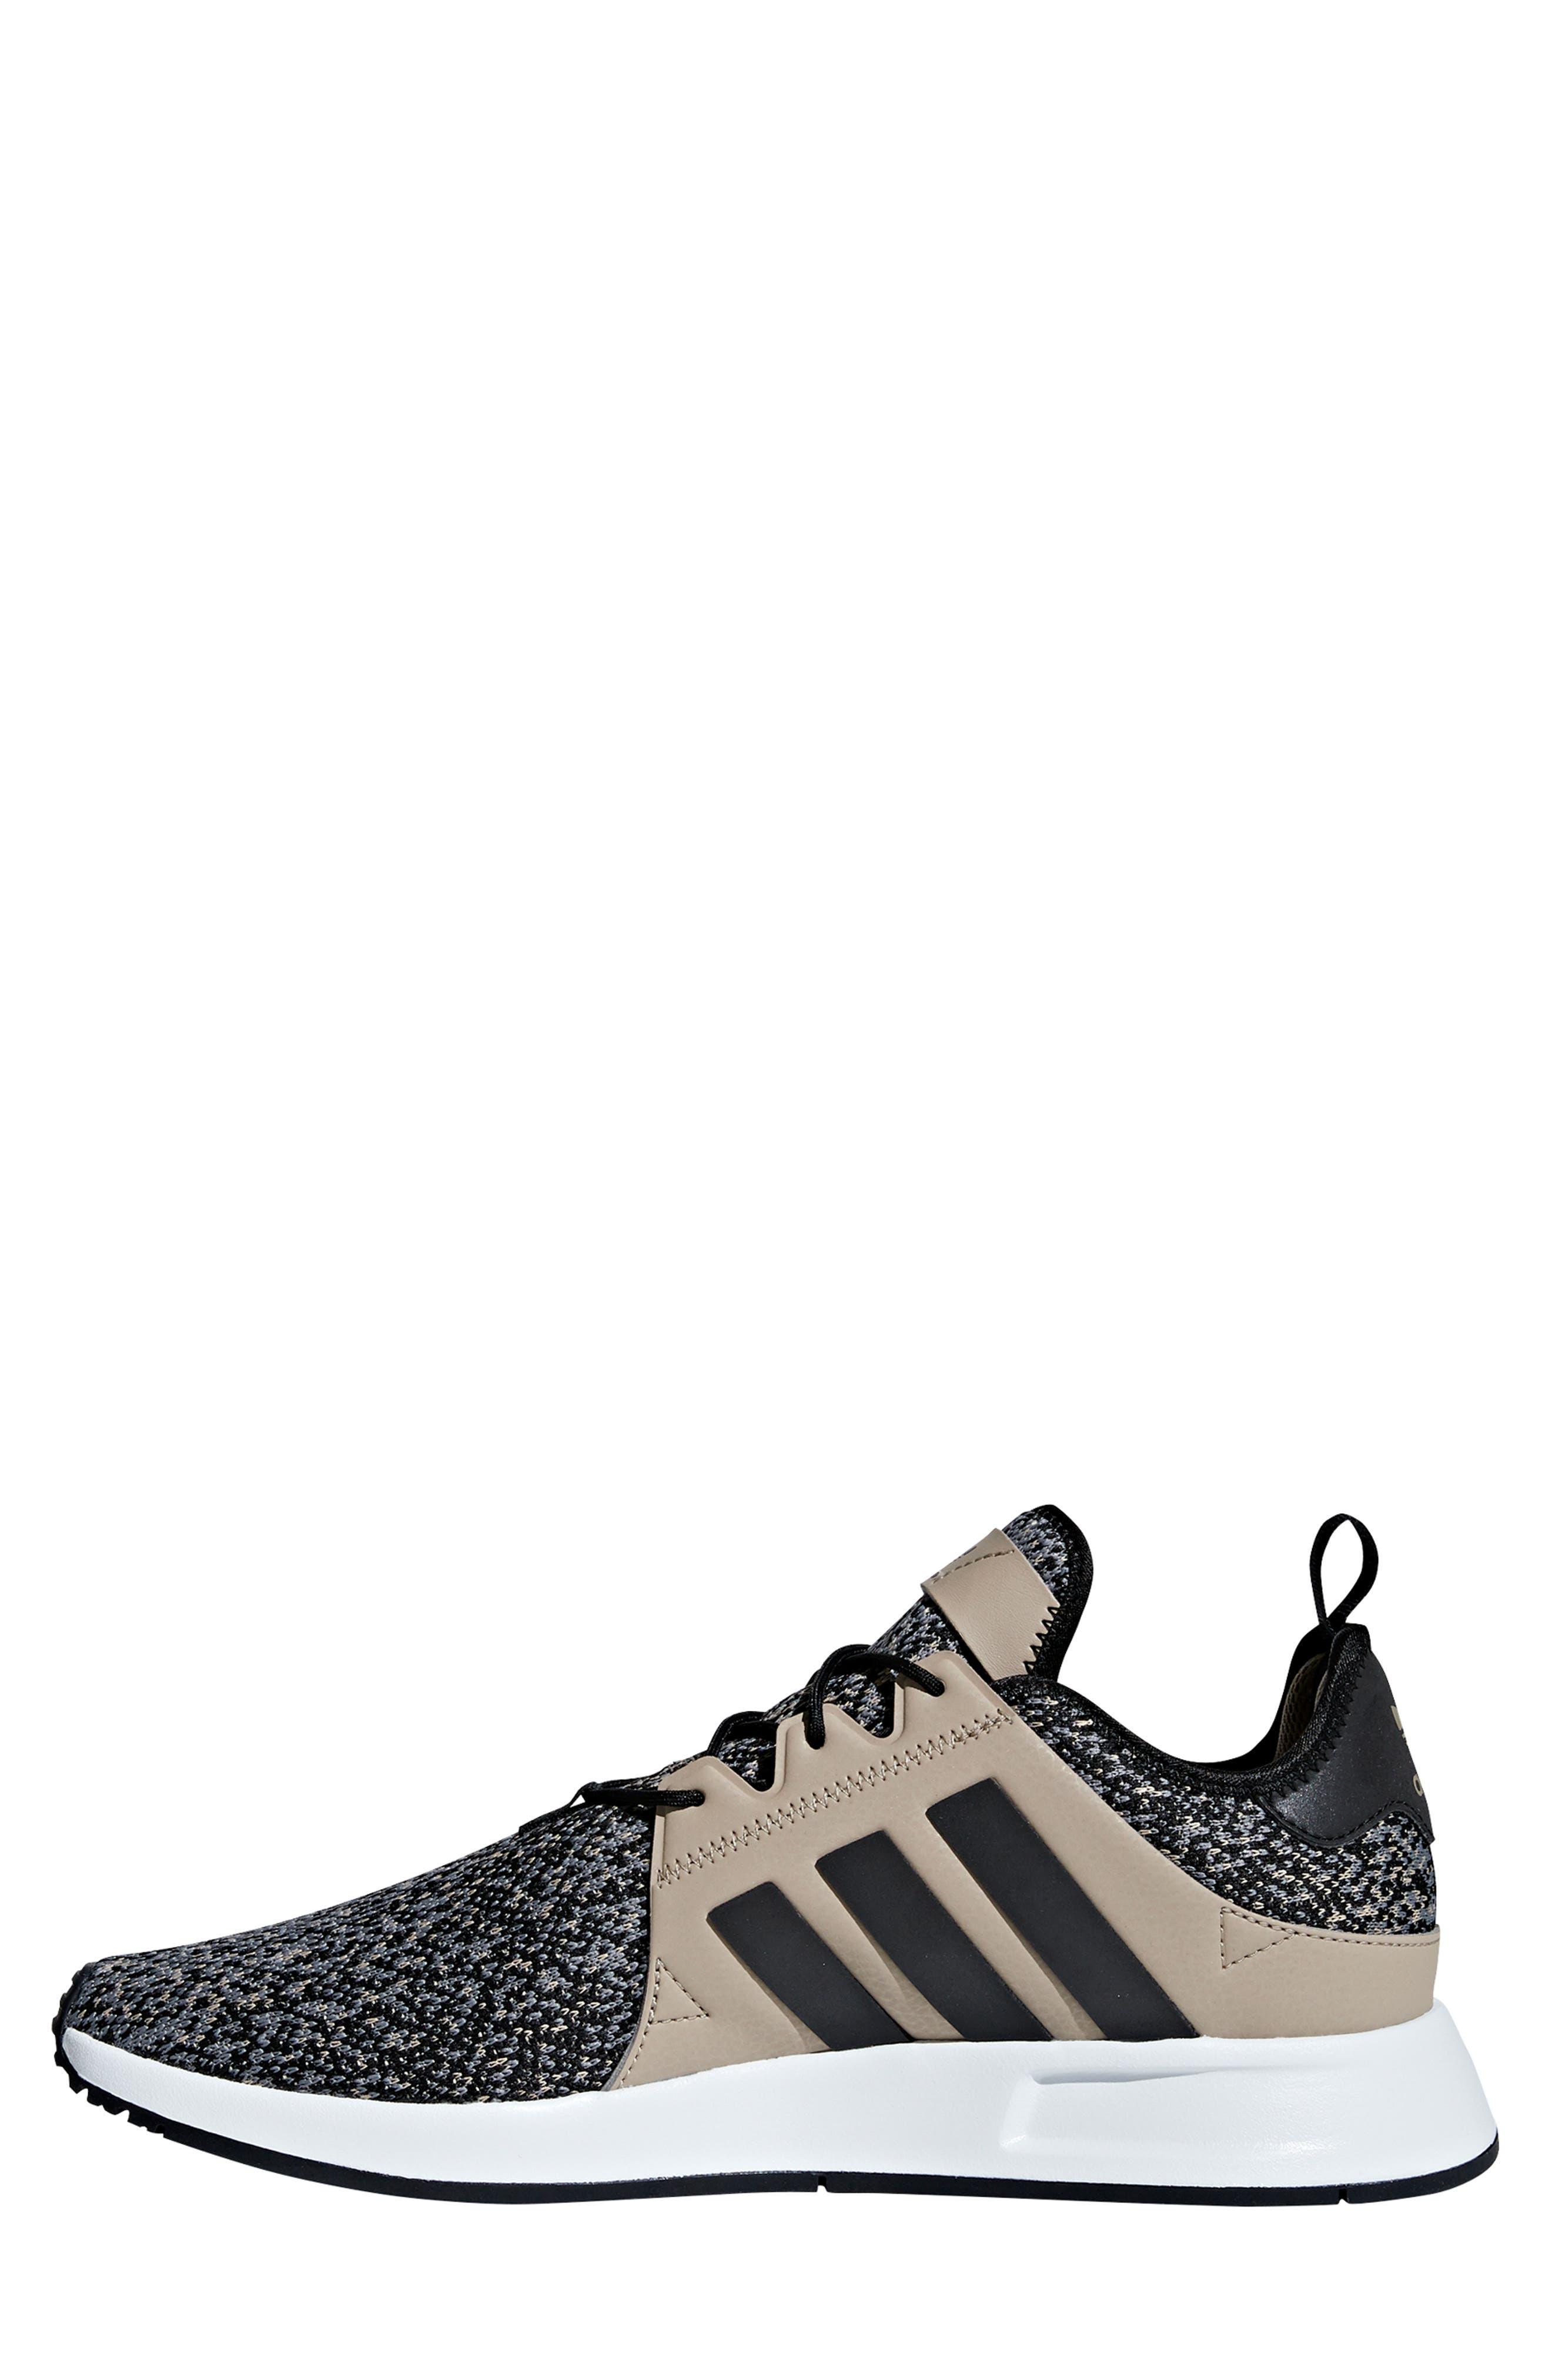 X_PLR Sneaker,                             Alternate thumbnail 9, color,                             KHAKI / CORE BLACK / WHITE